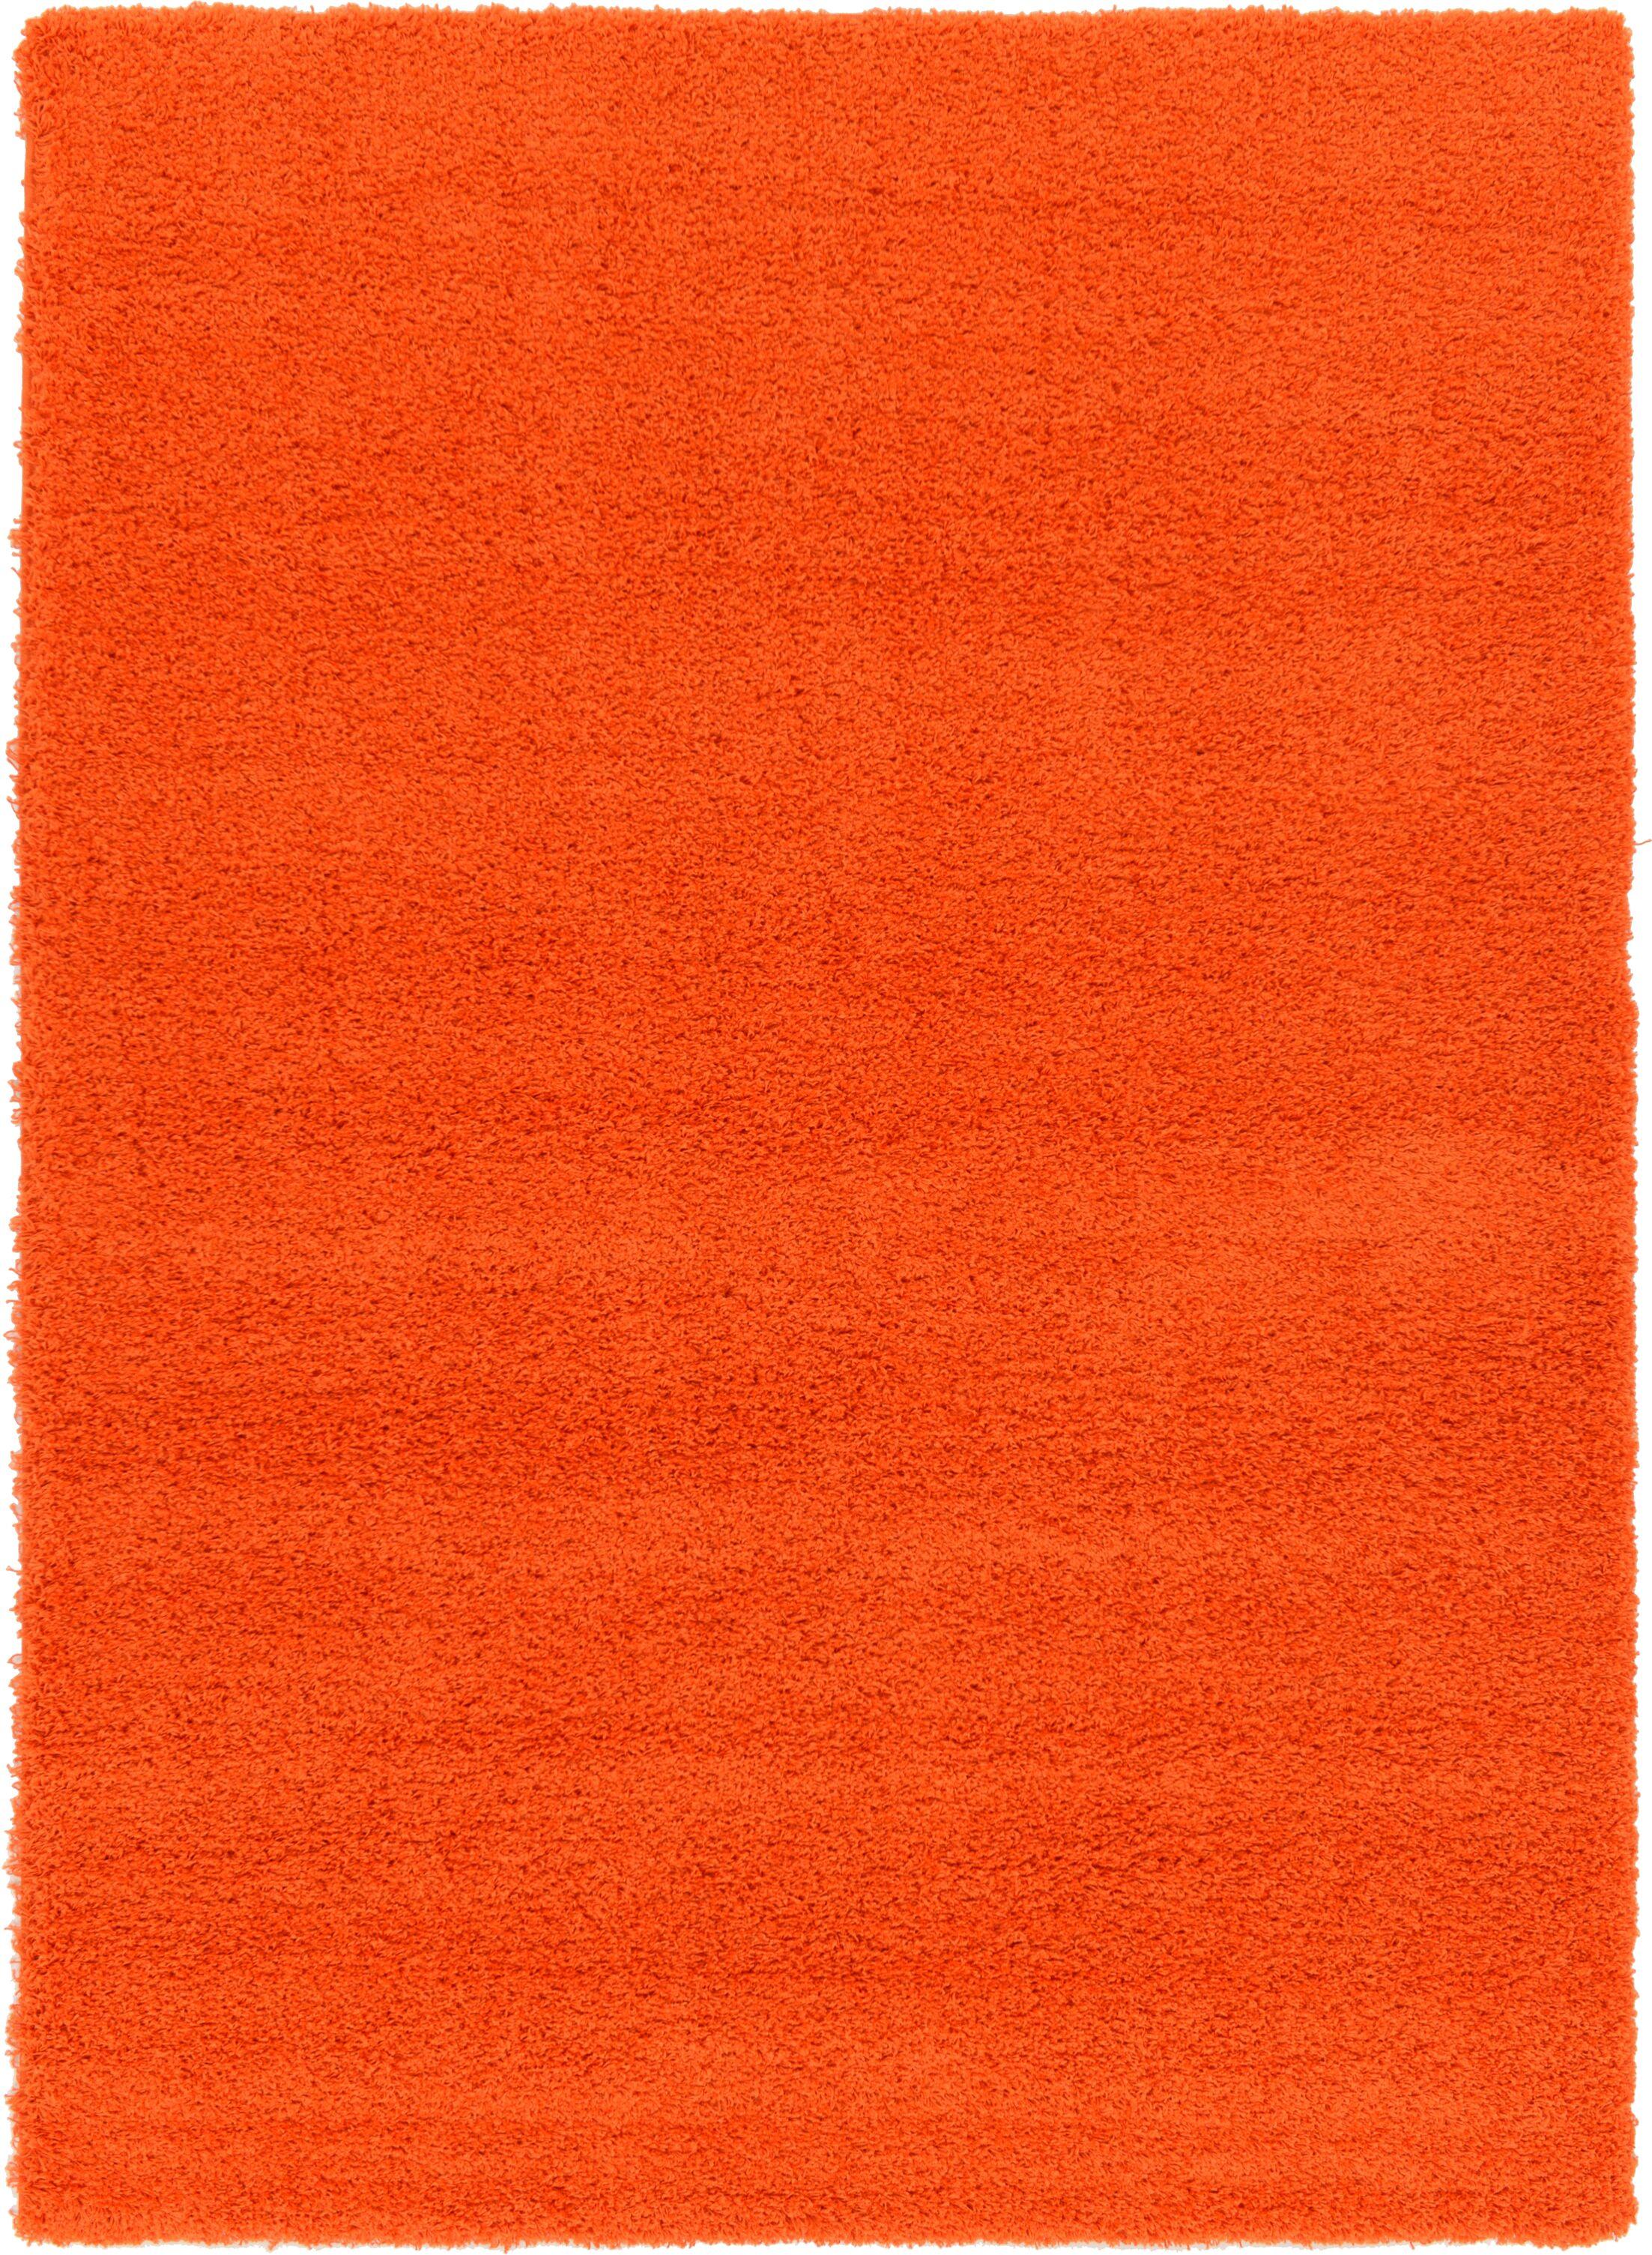 Madison Orange Area Rug Rug Size: Rectangle 7' x 10'